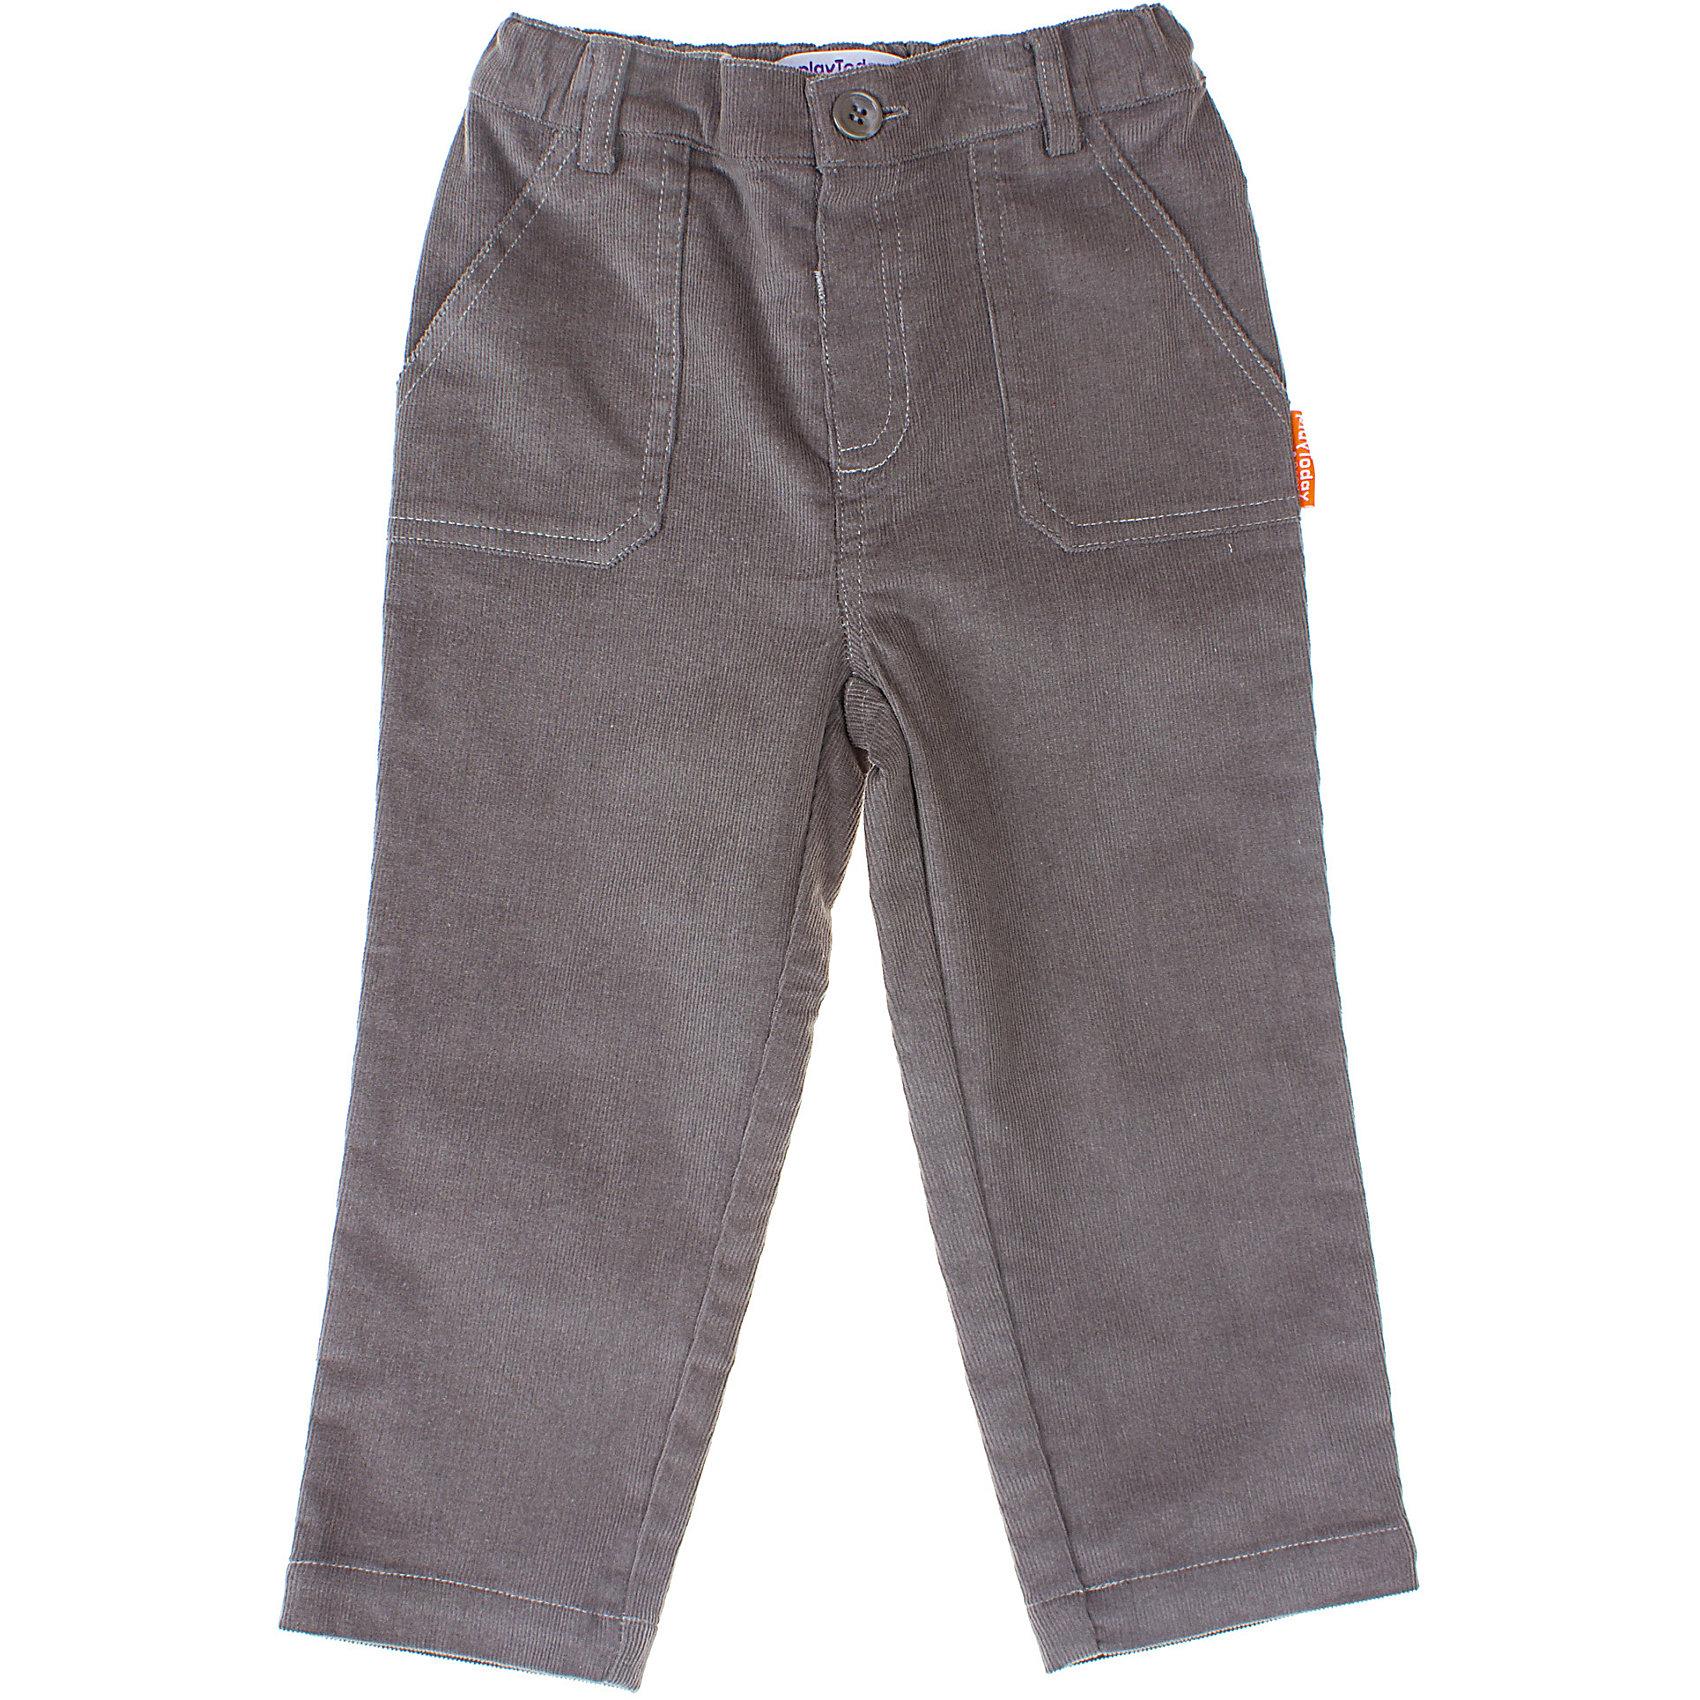 Брюки для мальчика PlayTodayБрюки<br>Брюки для мальчика PlayToday Прямые вельветовые штаны. Спереди есть два кармана. На поясе широкая резинка, размер которой можно регулировать. Состав: 98% хлопок, 2% эластан<br><br>Ширина мм: 215<br>Глубина мм: 88<br>Высота мм: 191<br>Вес г: 336<br>Цвет: бежевый<br>Возраст от месяцев: 6<br>Возраст до месяцев: 9<br>Пол: Мужской<br>Возраст: Детский<br>Размер: 74,92,86,80<br>SKU: 4228994